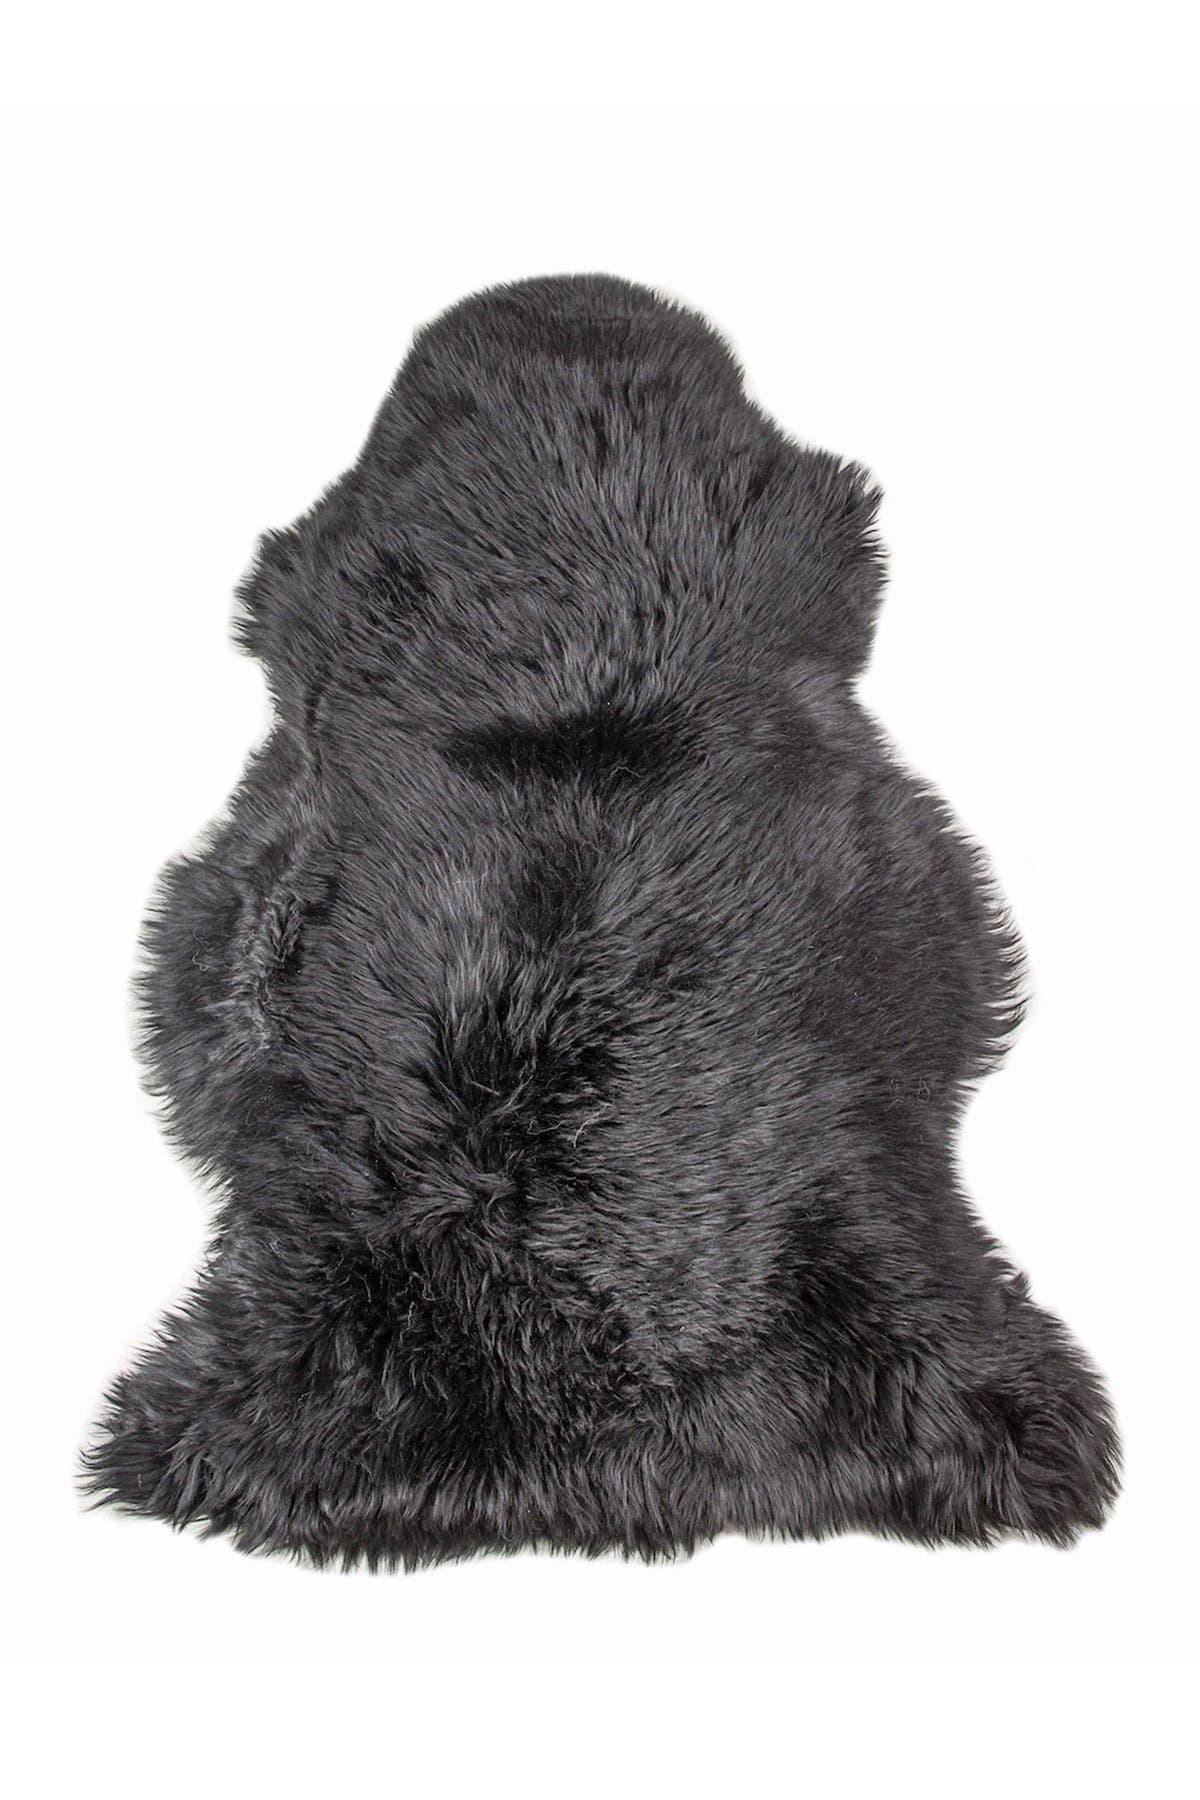 """Image of Natural Milan Genuine Sheepskin Shearling Throw 24"""" x 36"""" - Black"""